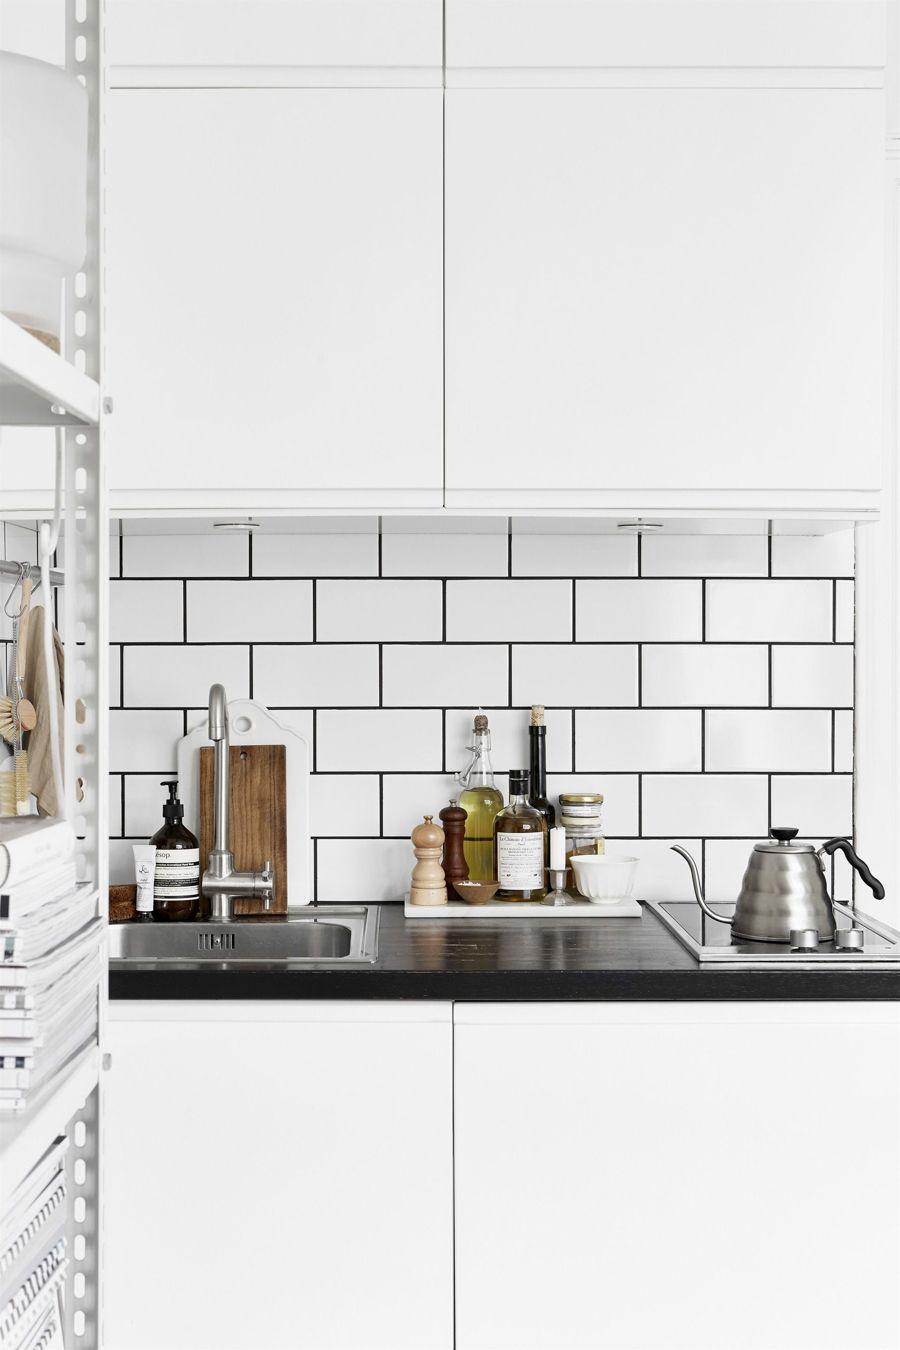 50 Modern Scandinavian Kitchens That Leave You Spellbound Decoist Scandinavian Kitchen Design Interior House Interior